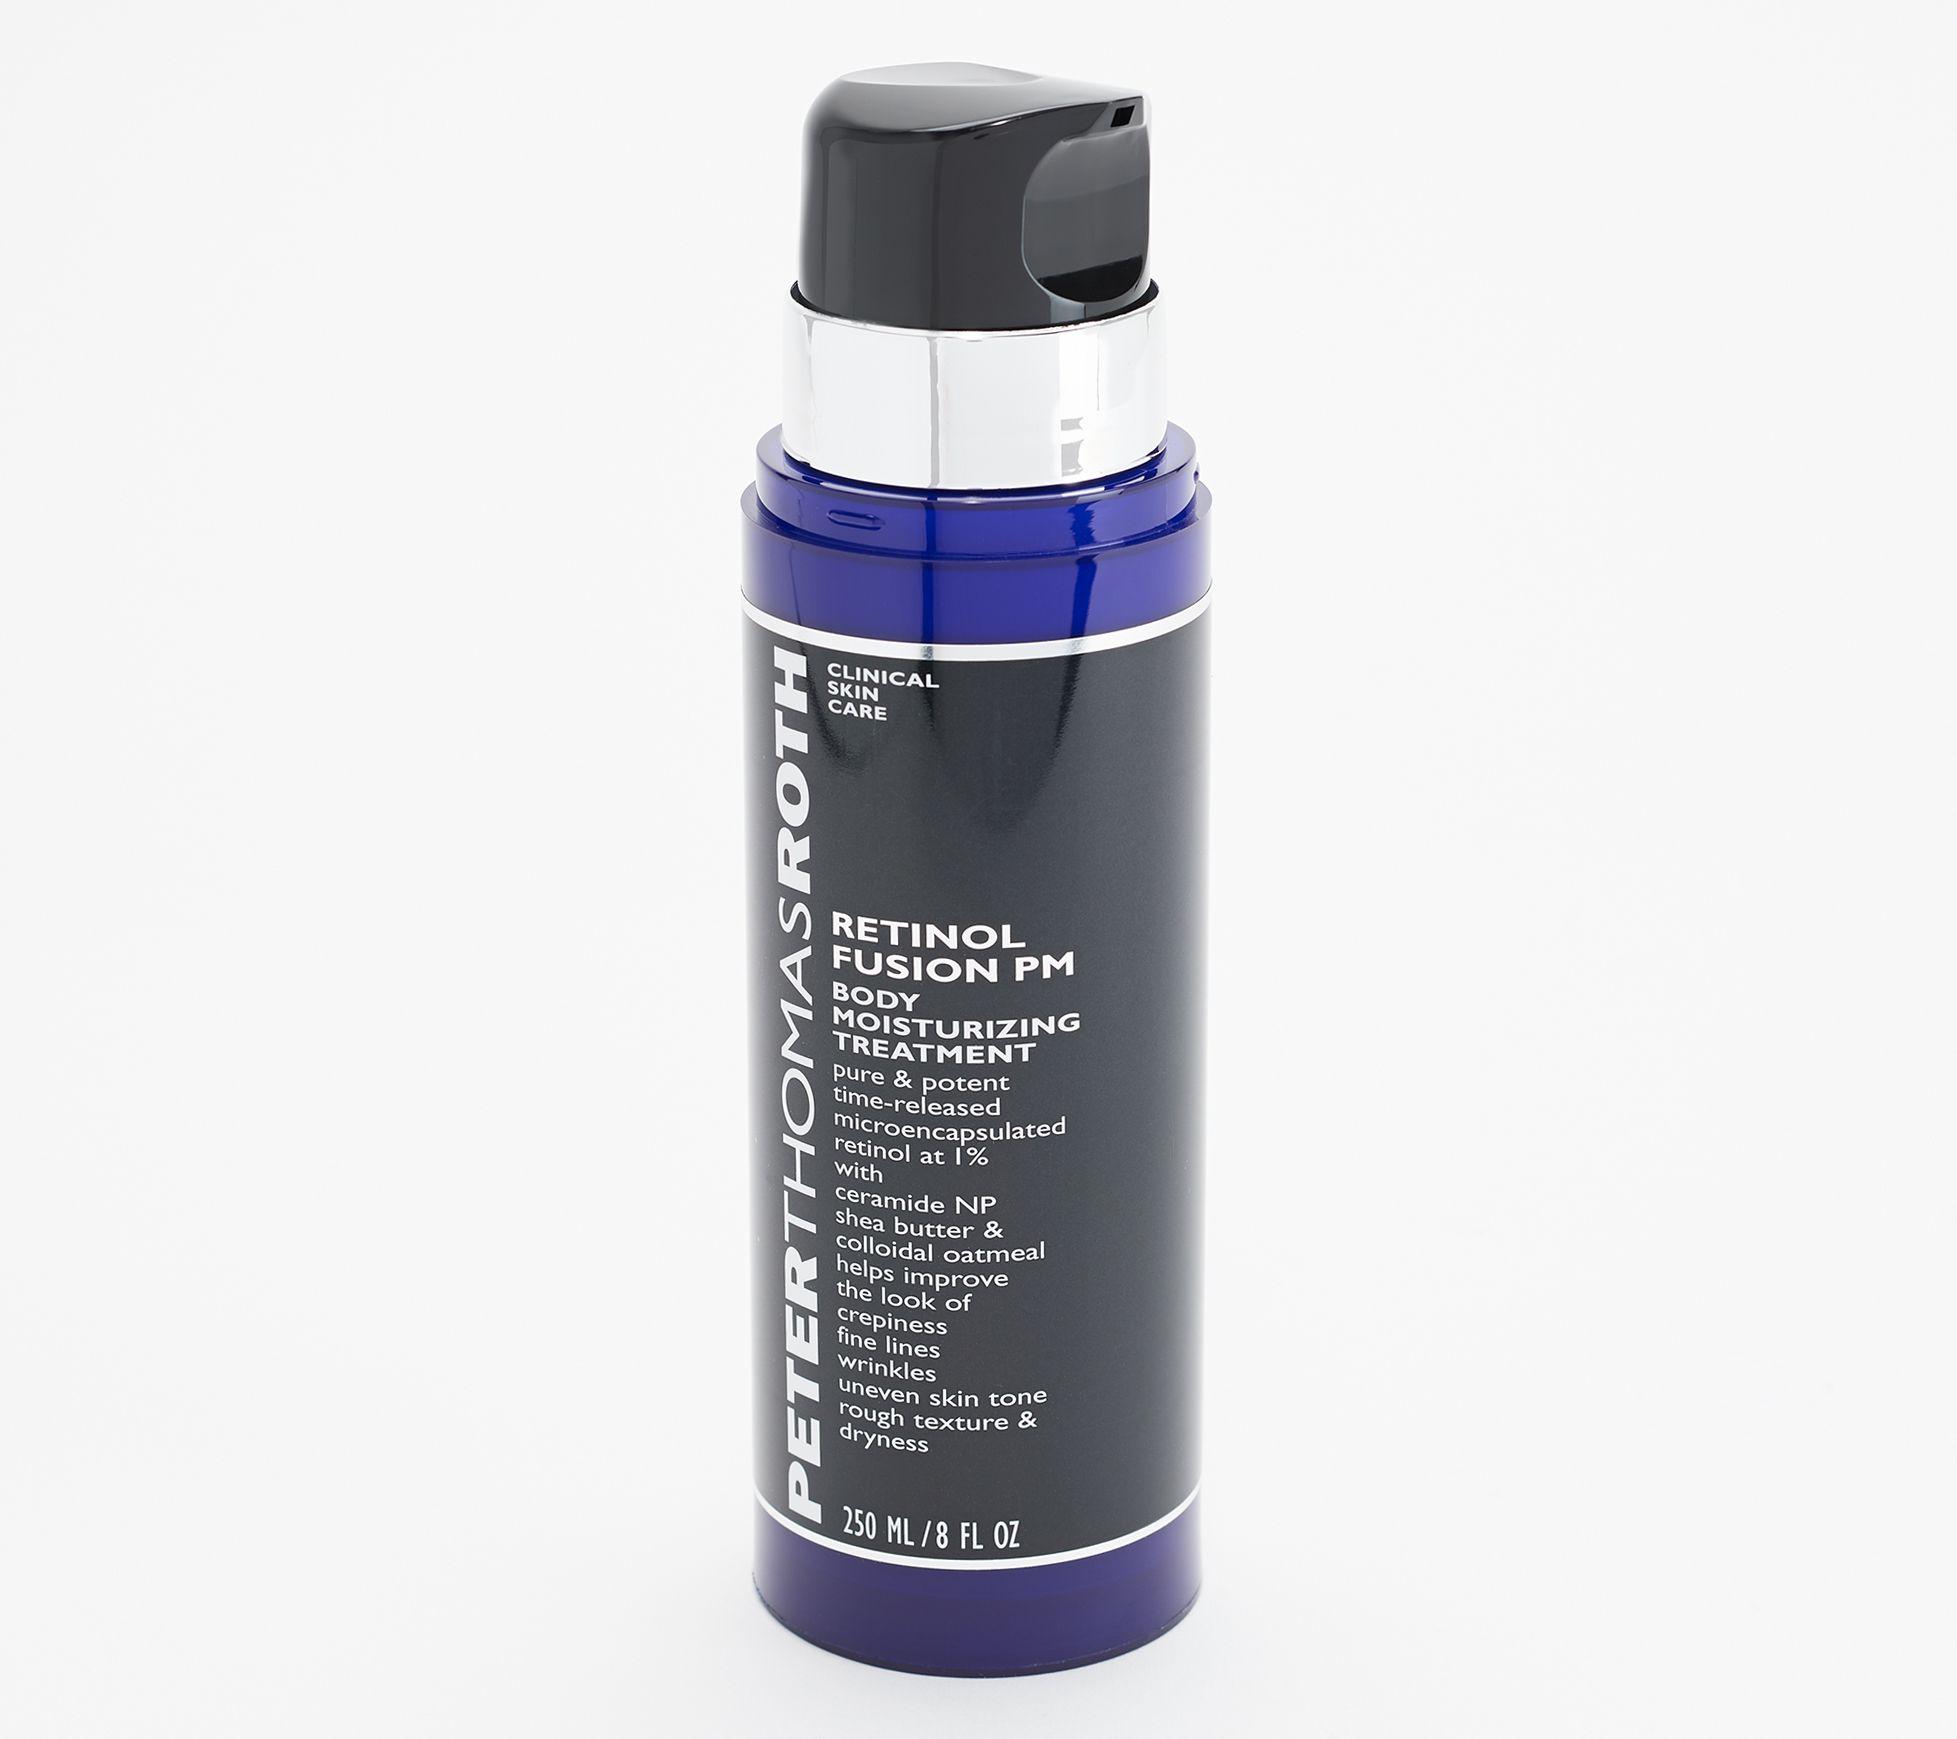 Peter Thomas Roth Retinol Fusion PM Body Treatment Cream 8-oz — QVC com